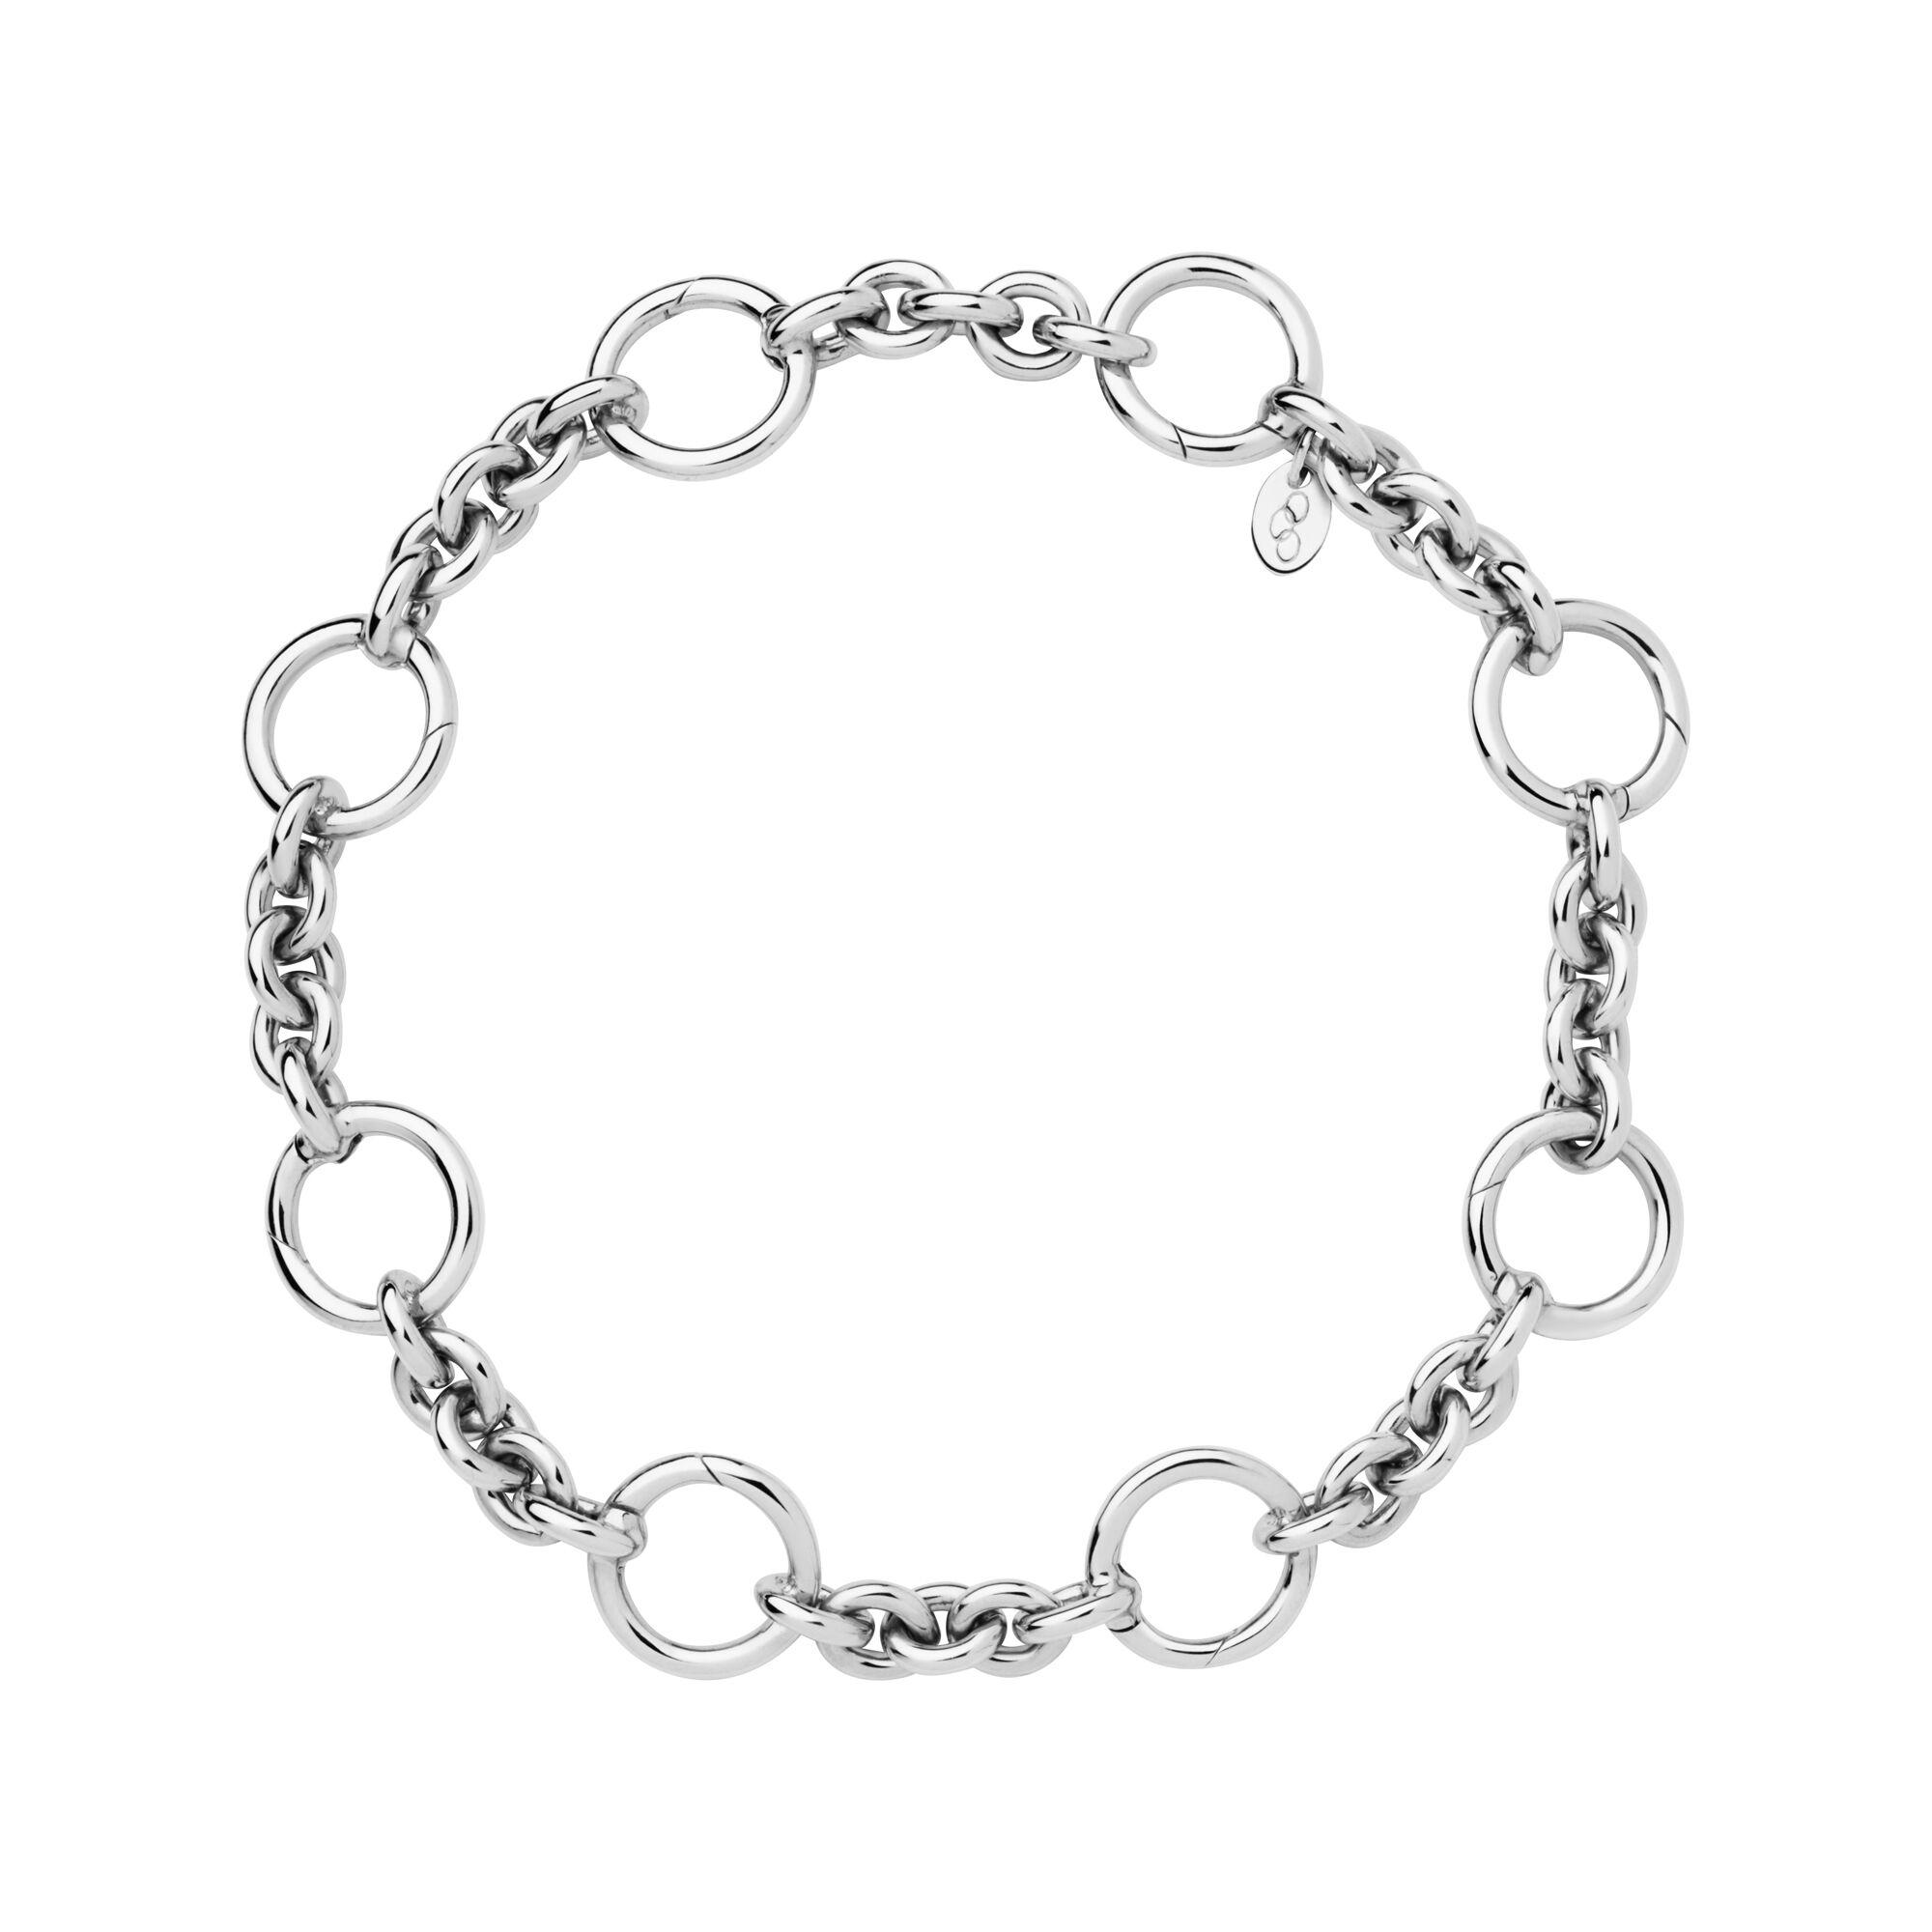 Silver Capture Charm Bracelet